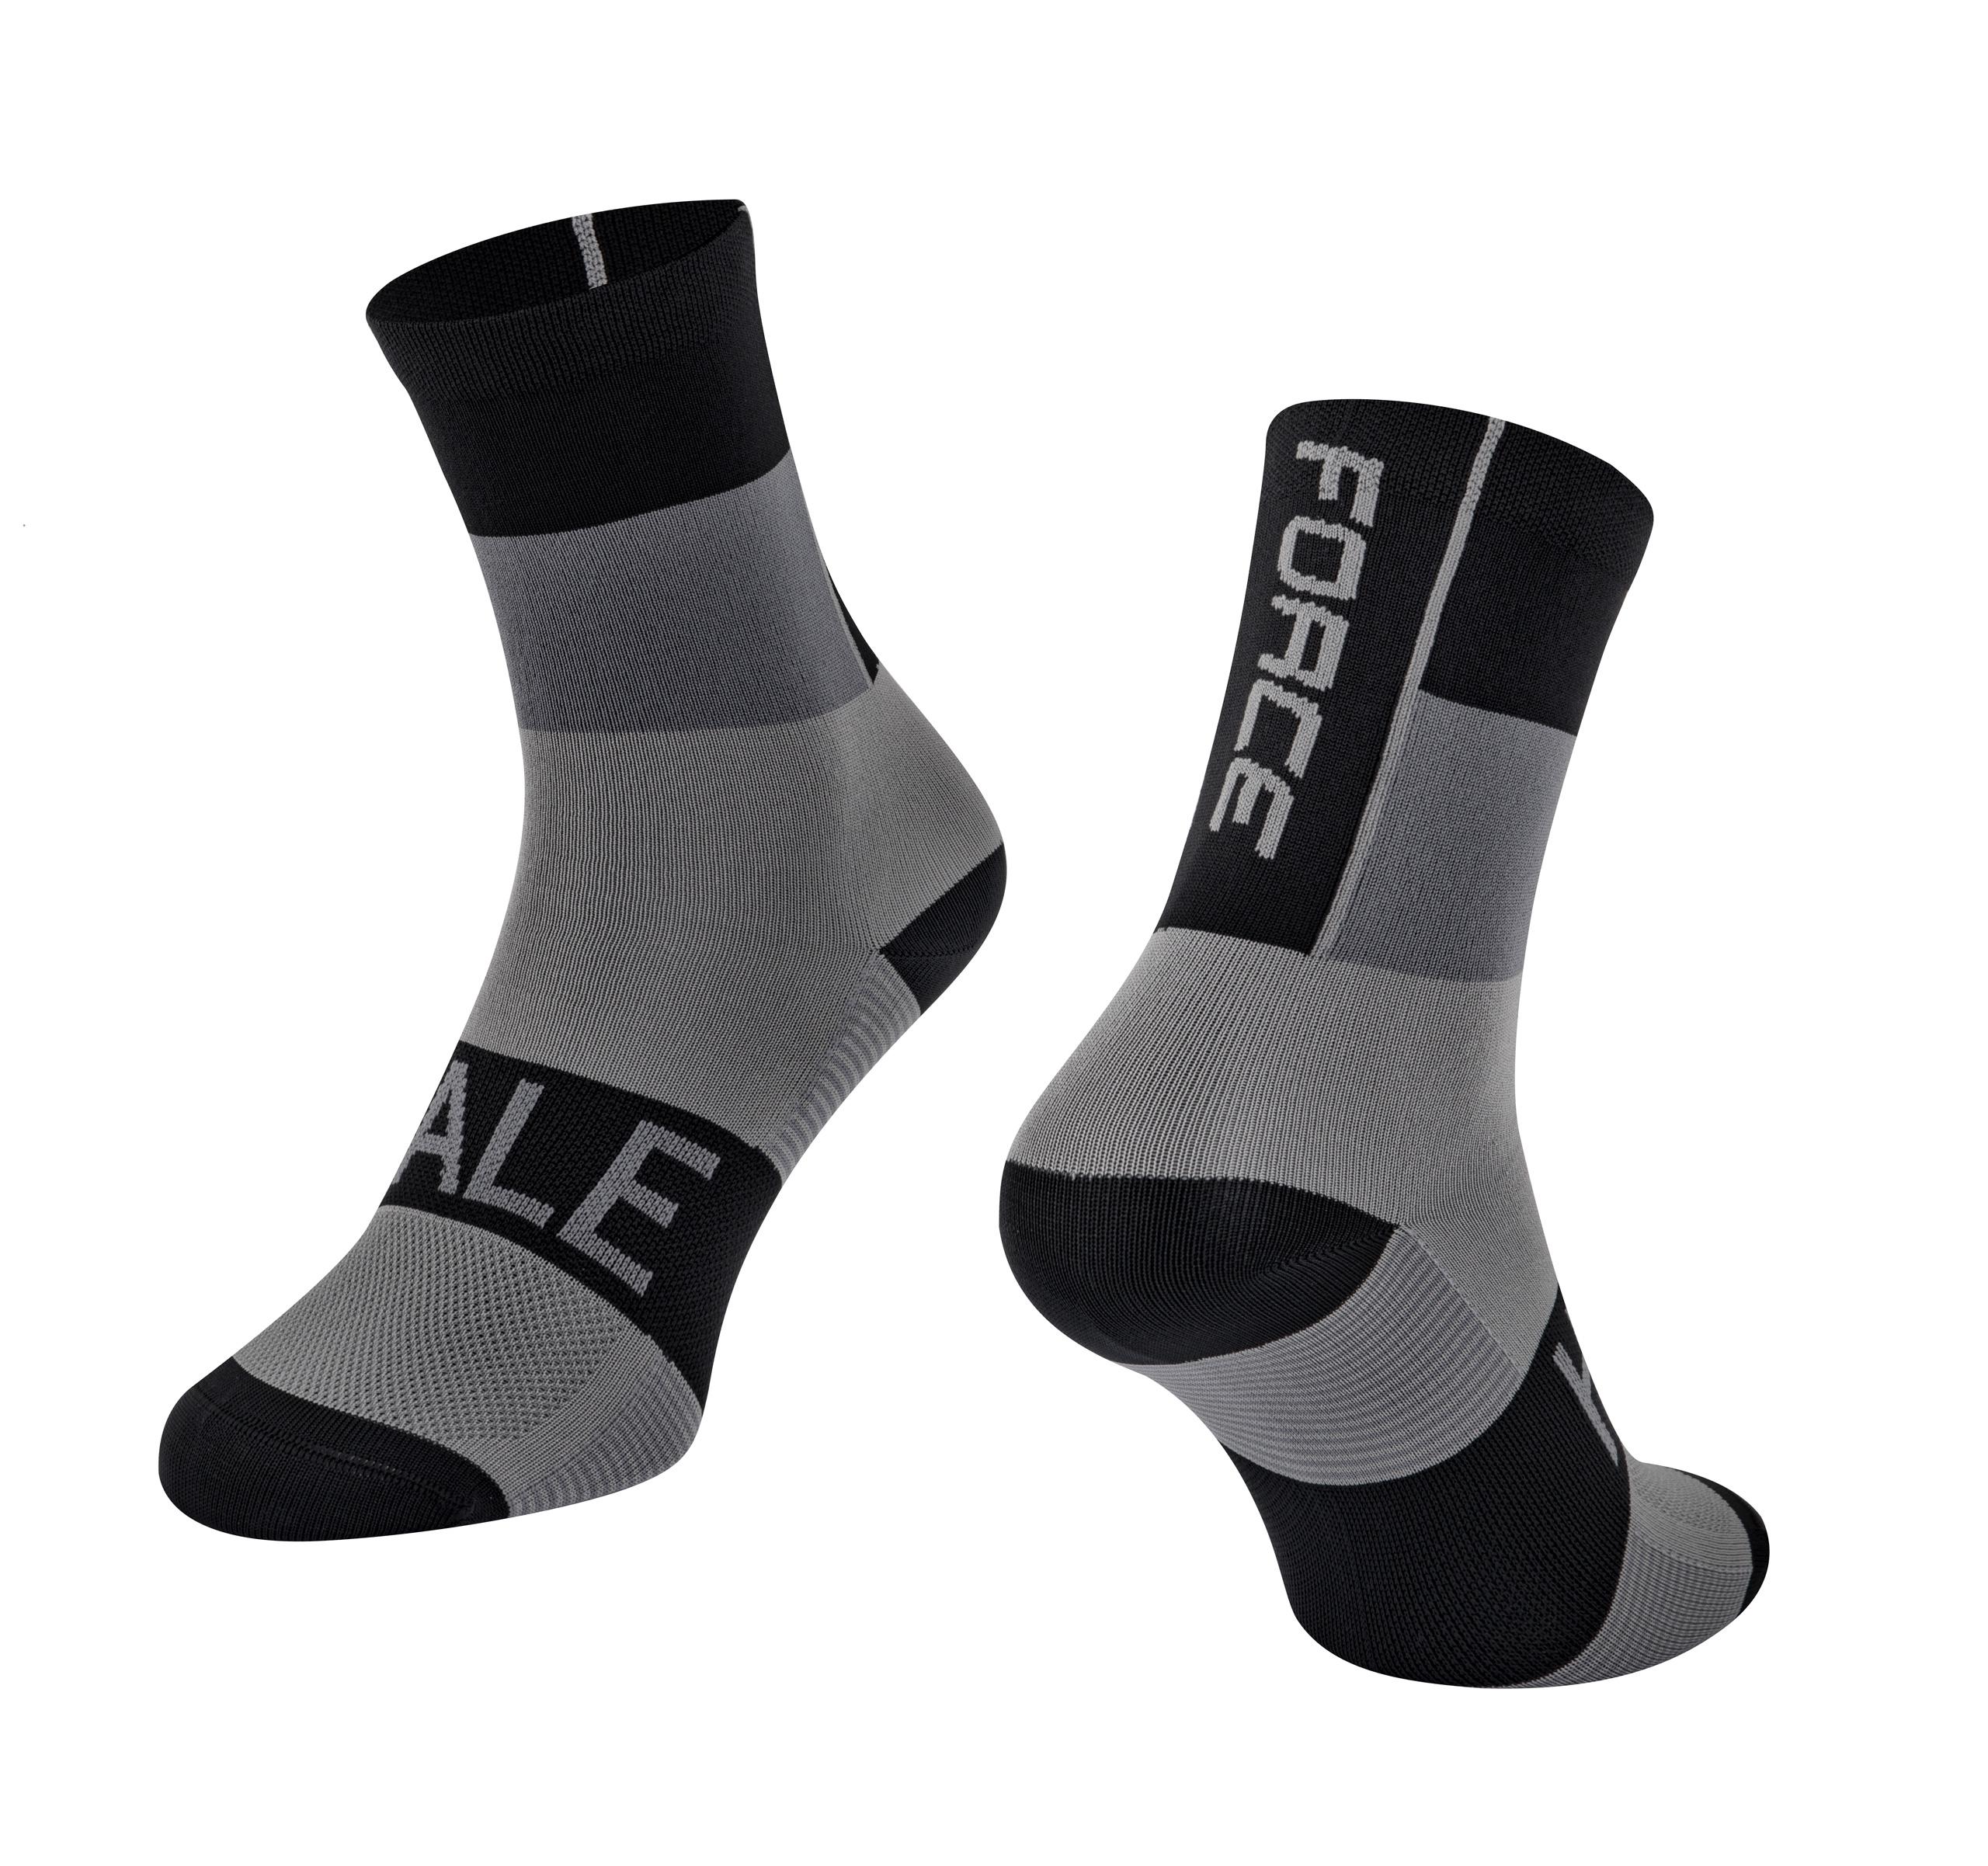 ponožky FORCE HALE, černo-šedé S-M/36-41